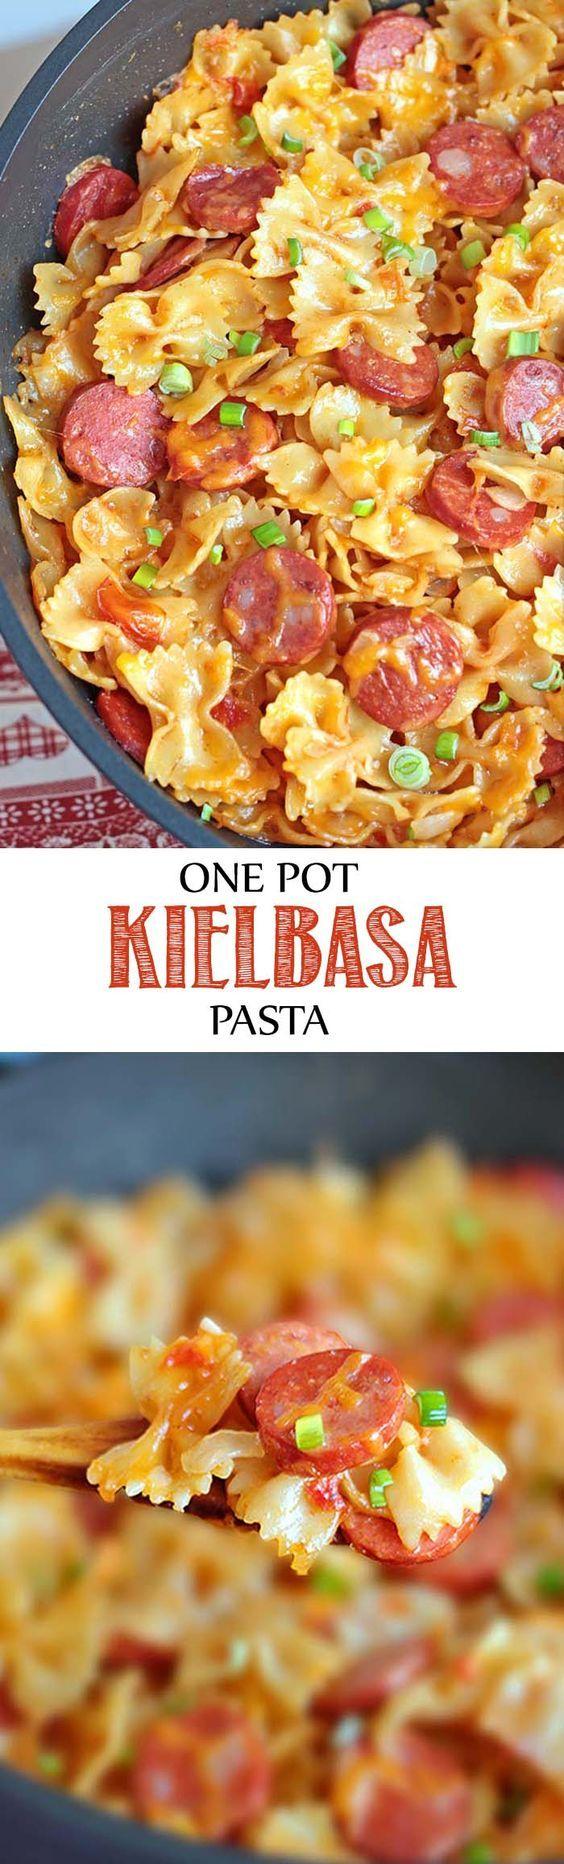 One pot kielbasa pasta it s a cheesy pasta dish with kielbasa